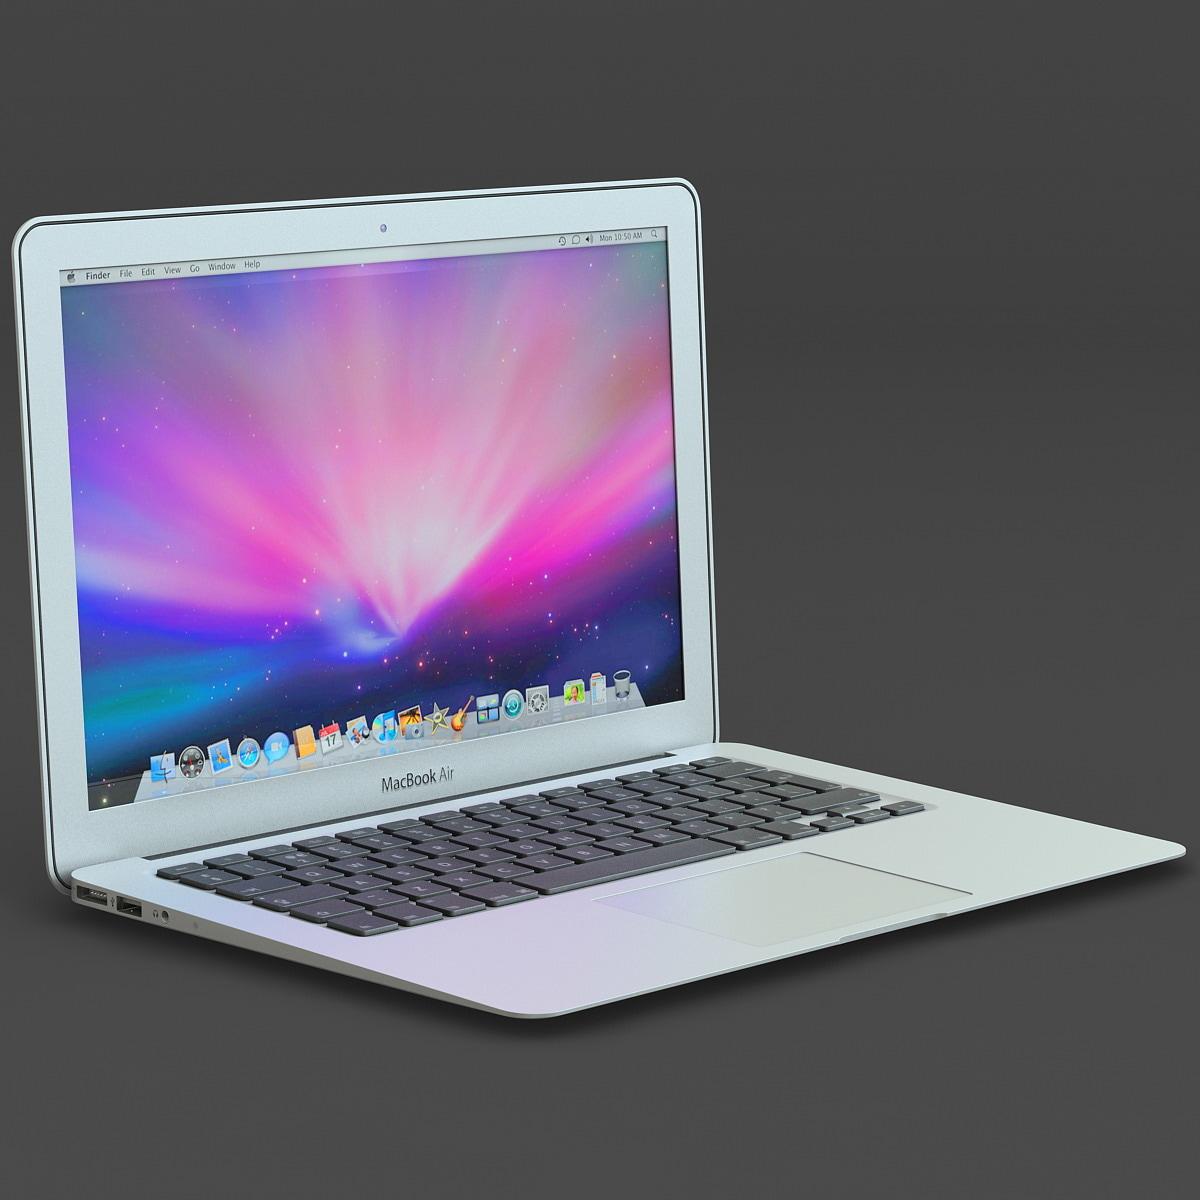 105172_Apple_MacBook_Air_2_004.jpg